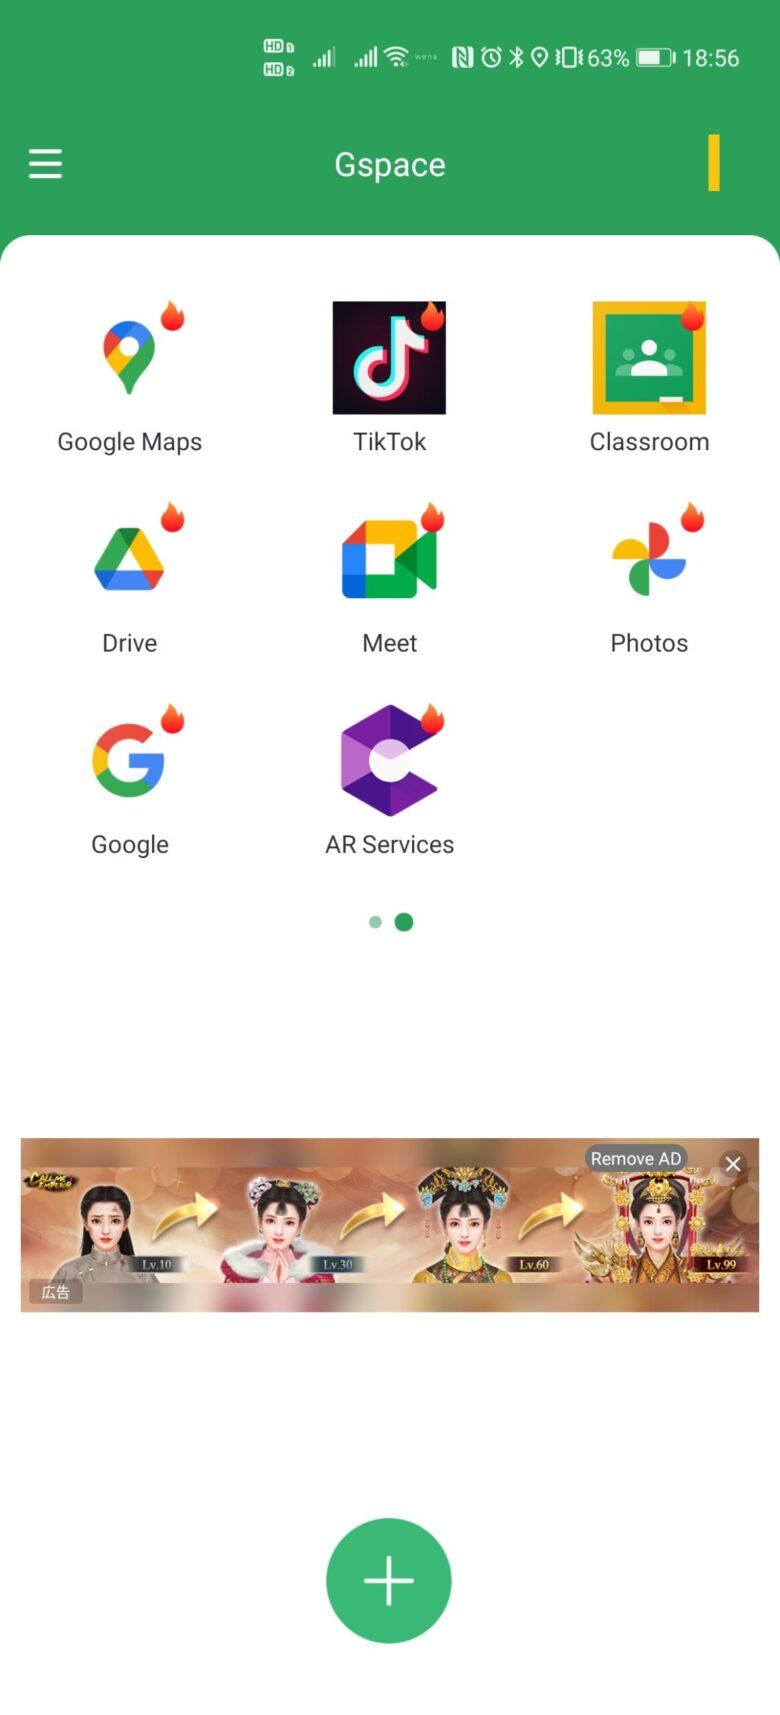 Gspaceアプリのメニュー画面。